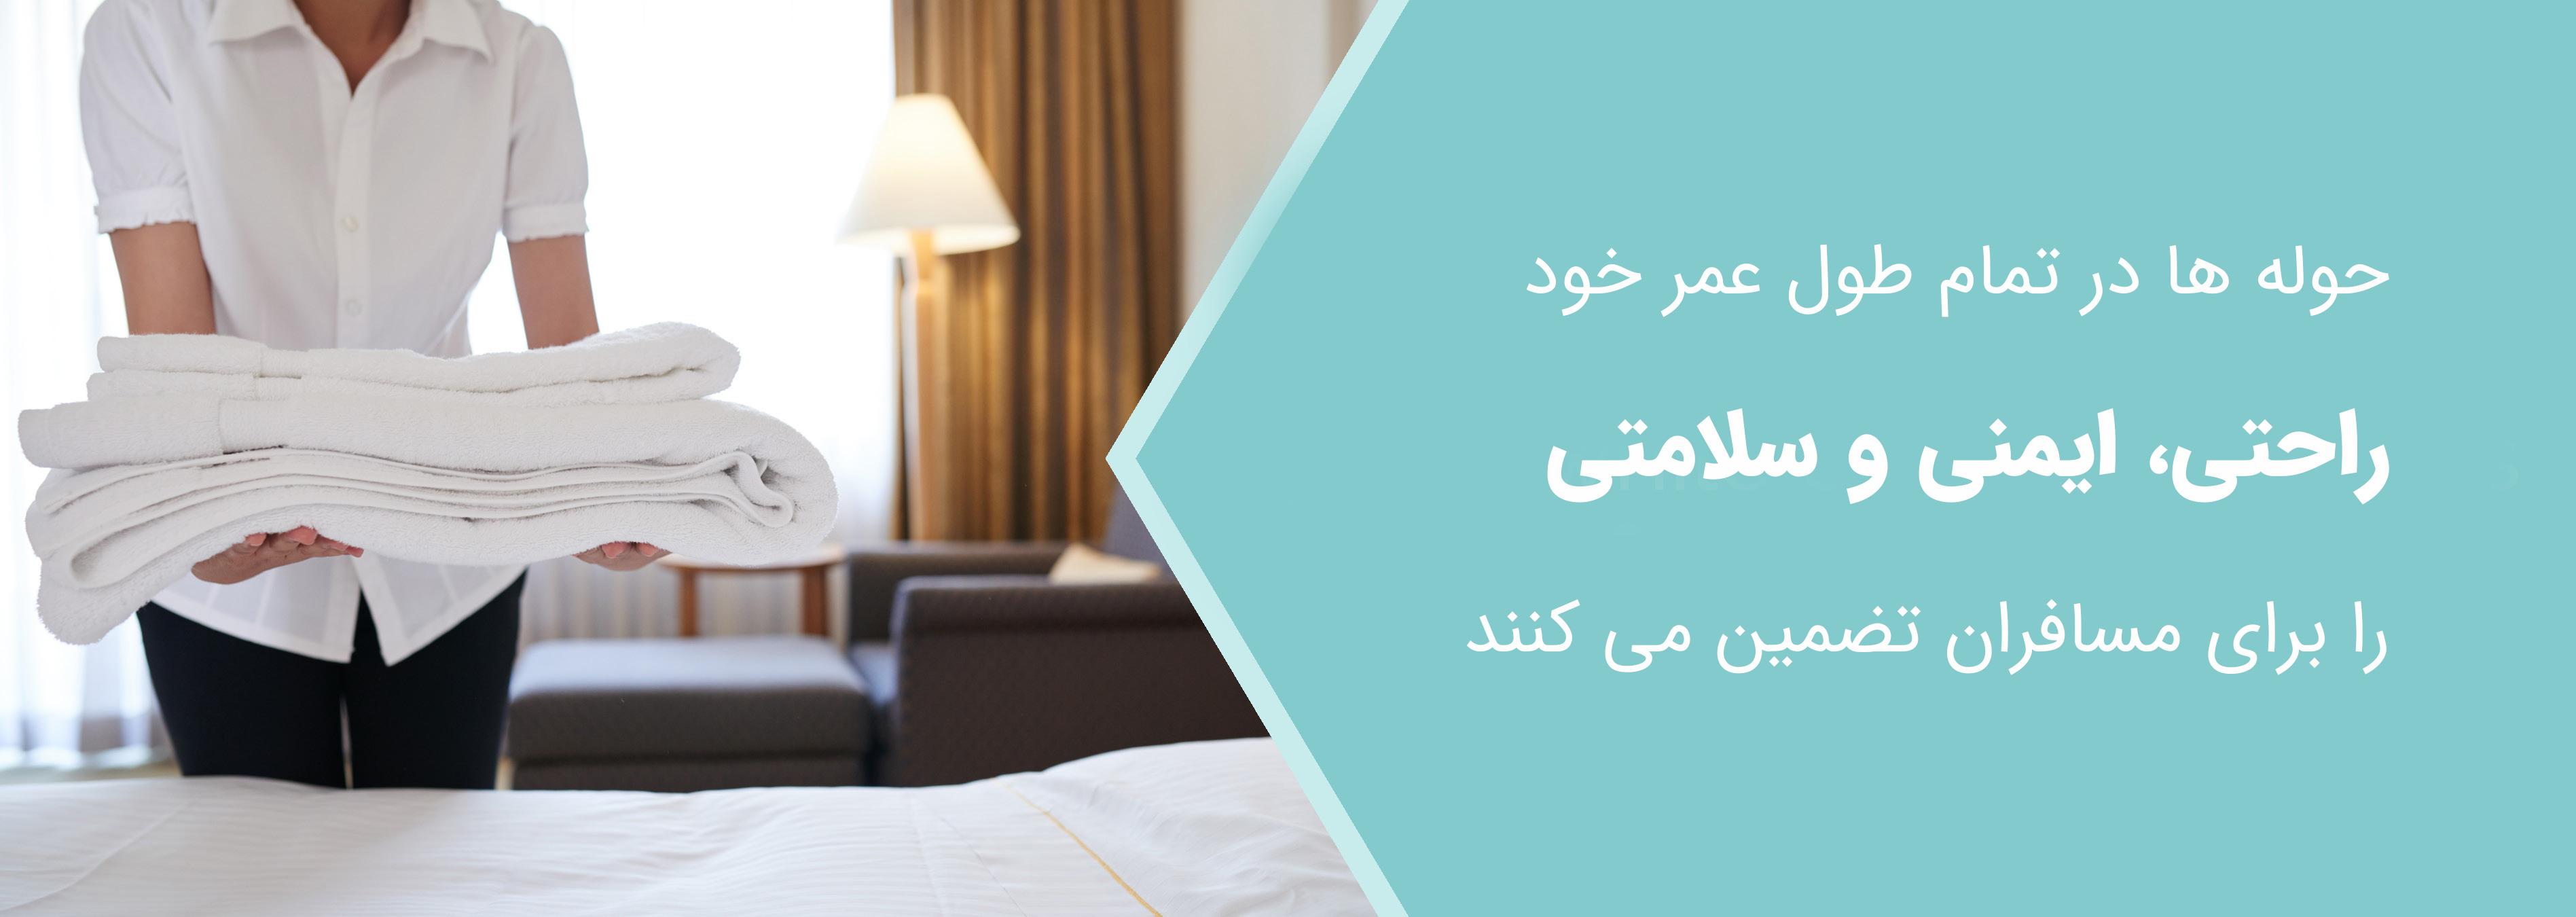 راحتی،ایمنی، سلامت مسافران هتلها